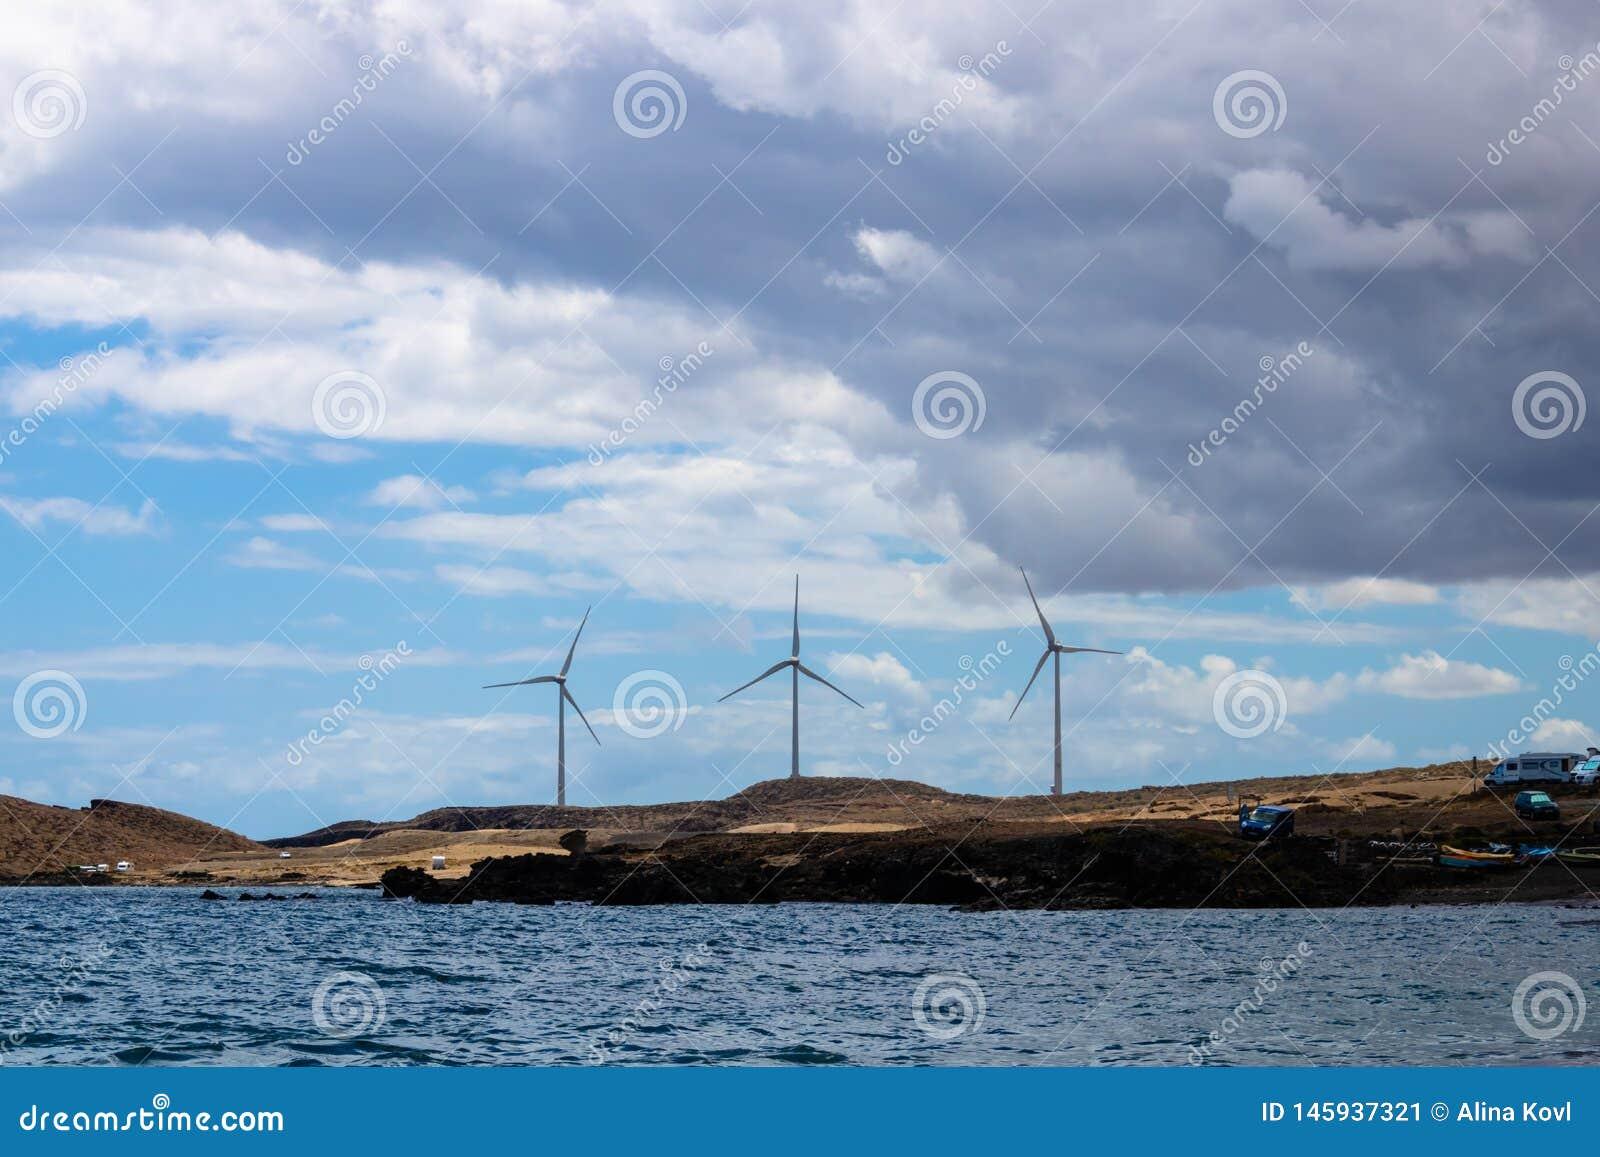 Funcionamiento del parque e?lico, tres turbinas de viento con la opini?n del mar sobre Tenerife, islas Canarias, Espa?a - imagen